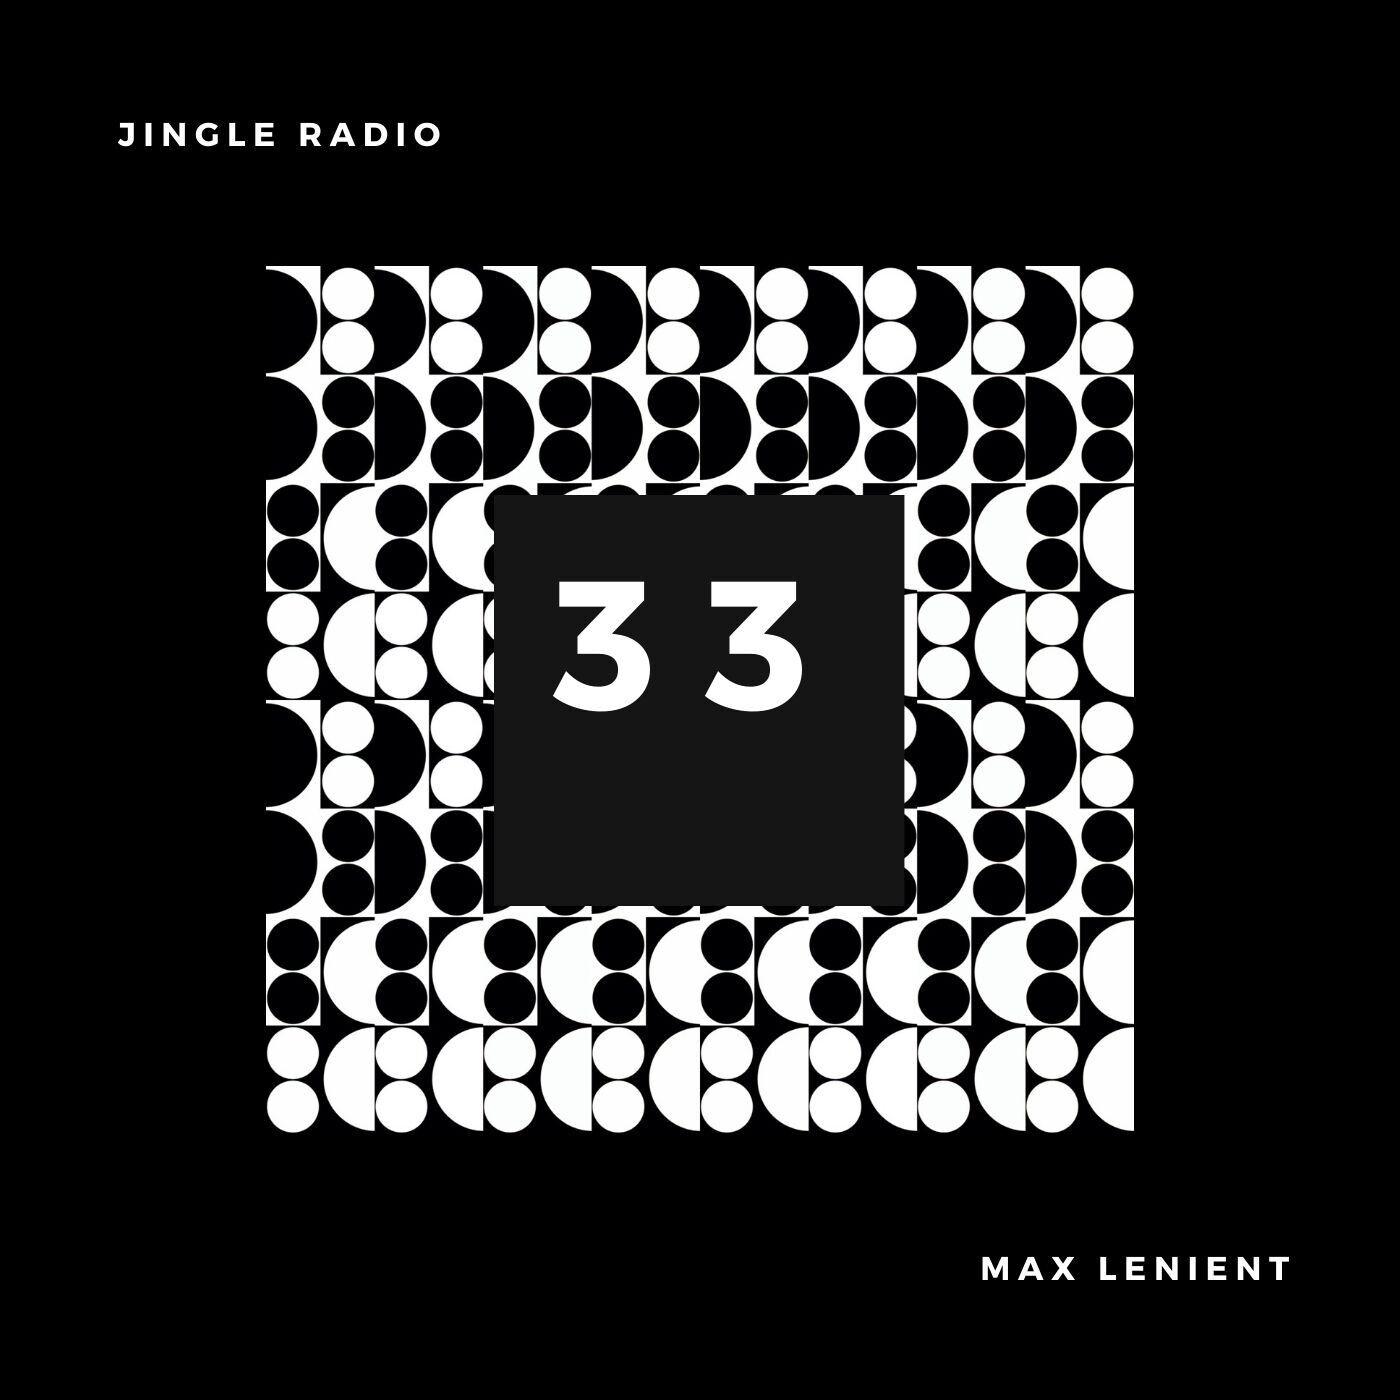 jingle radio numéro 33